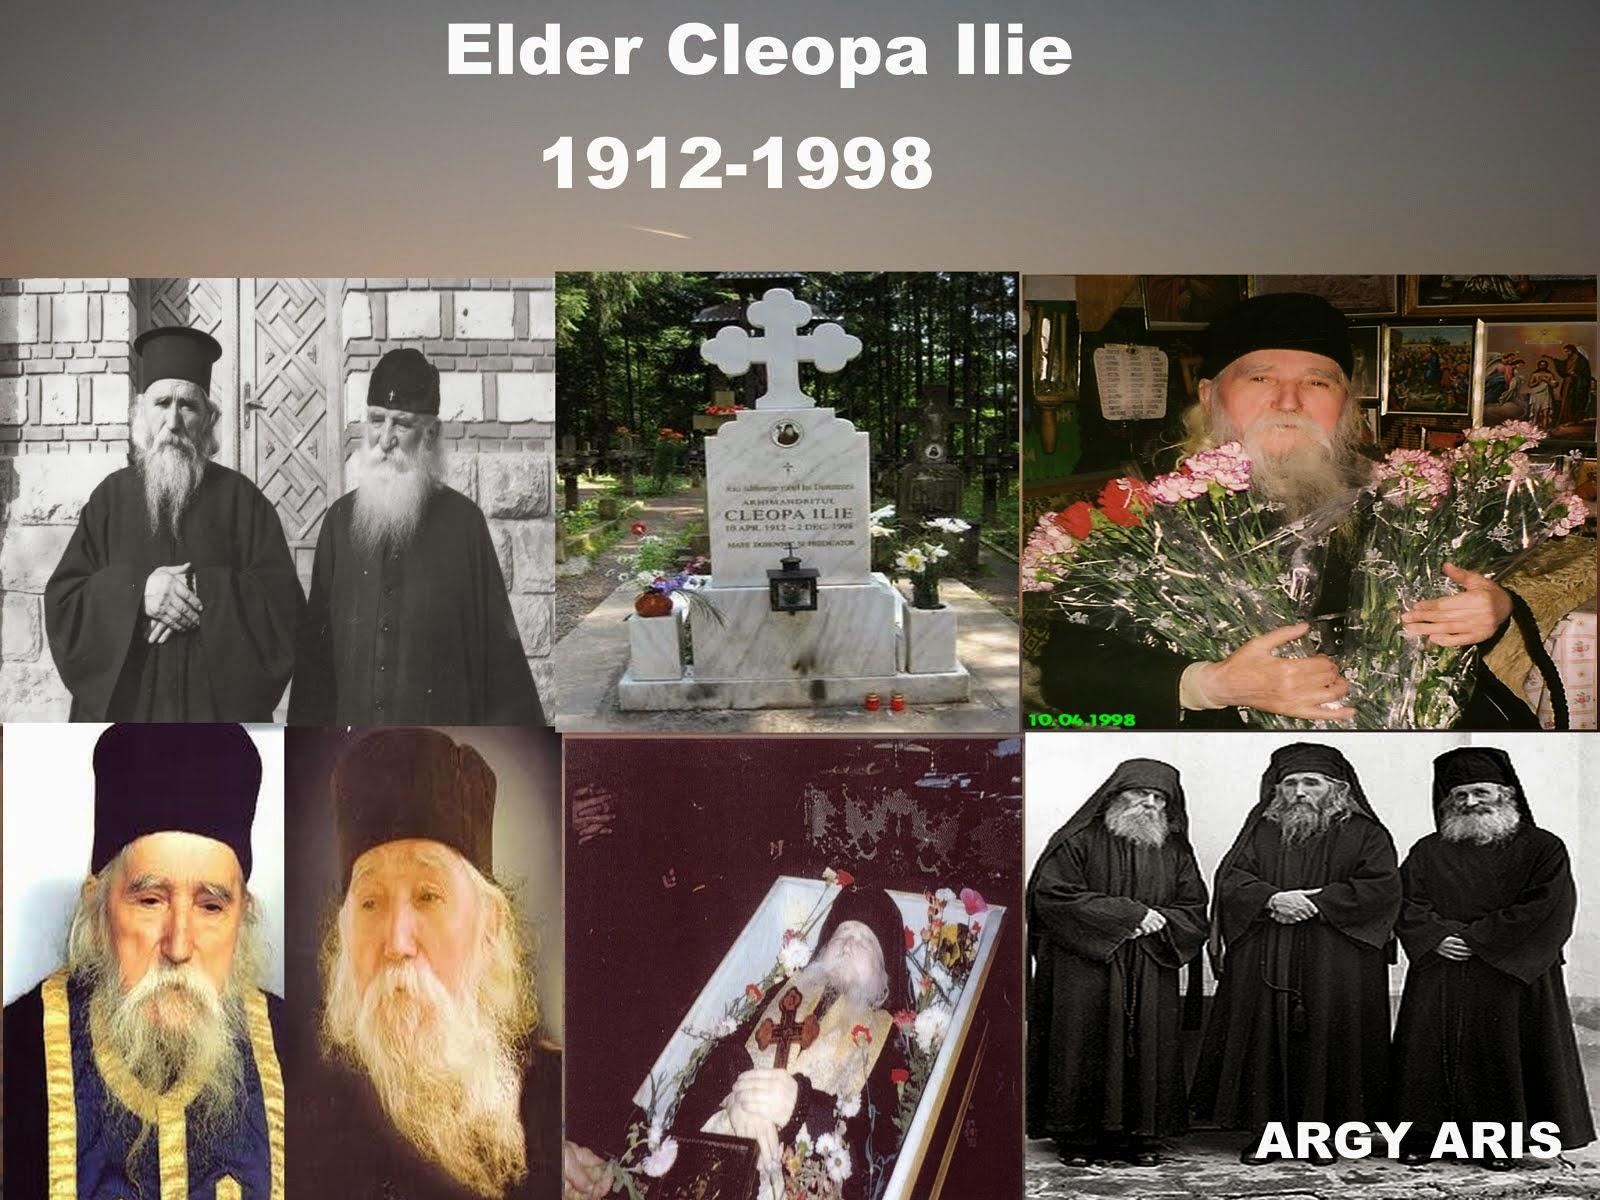 Γέρων Κλεόπας - Elder Cleopas